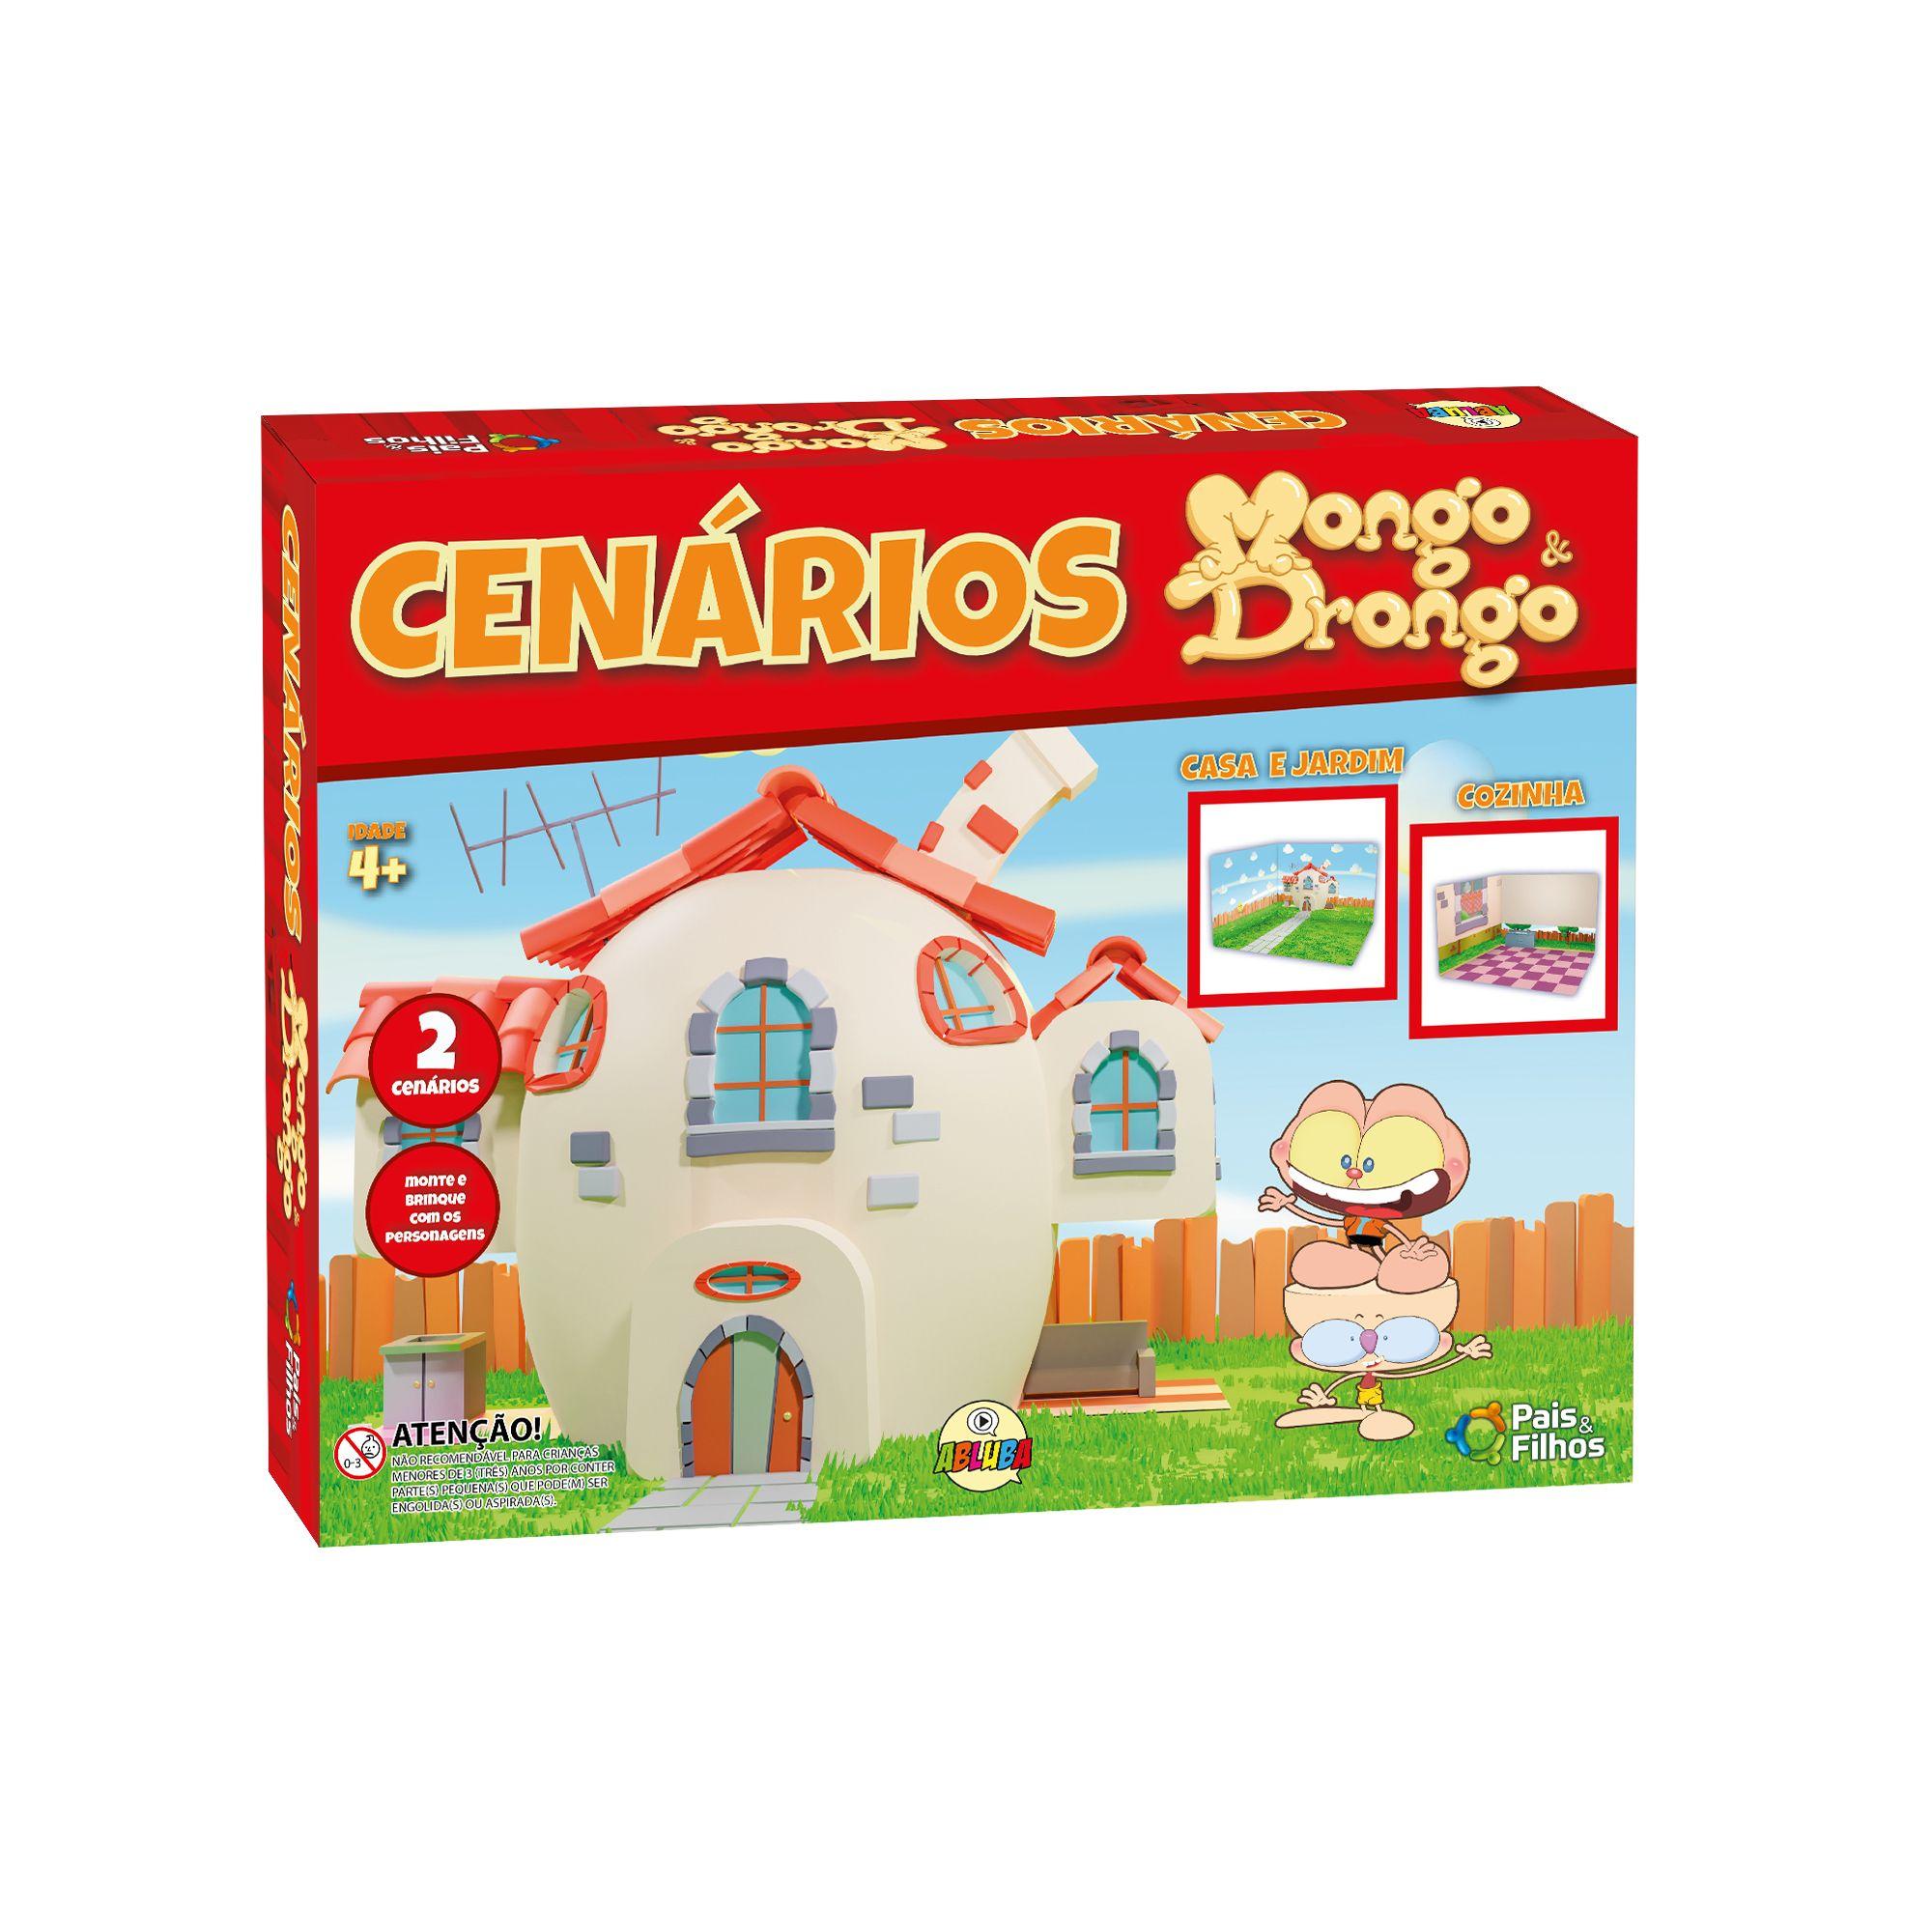 Mongo e Drongo - Cenários-790010